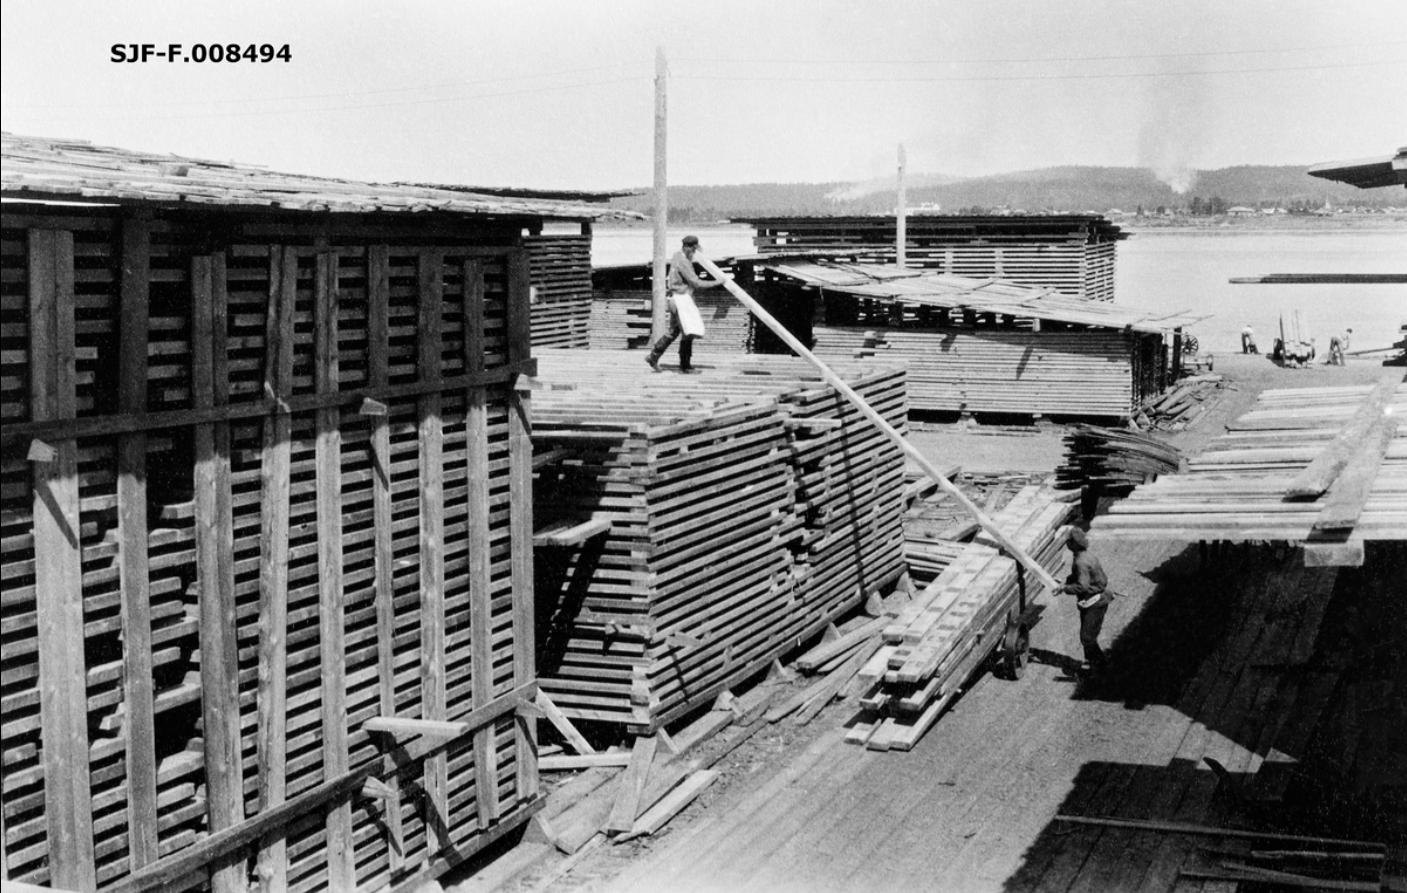 Лесопильный завод Ко. Онежского Лесного Торга. Погрузка досок из пильного цеха на вагоны